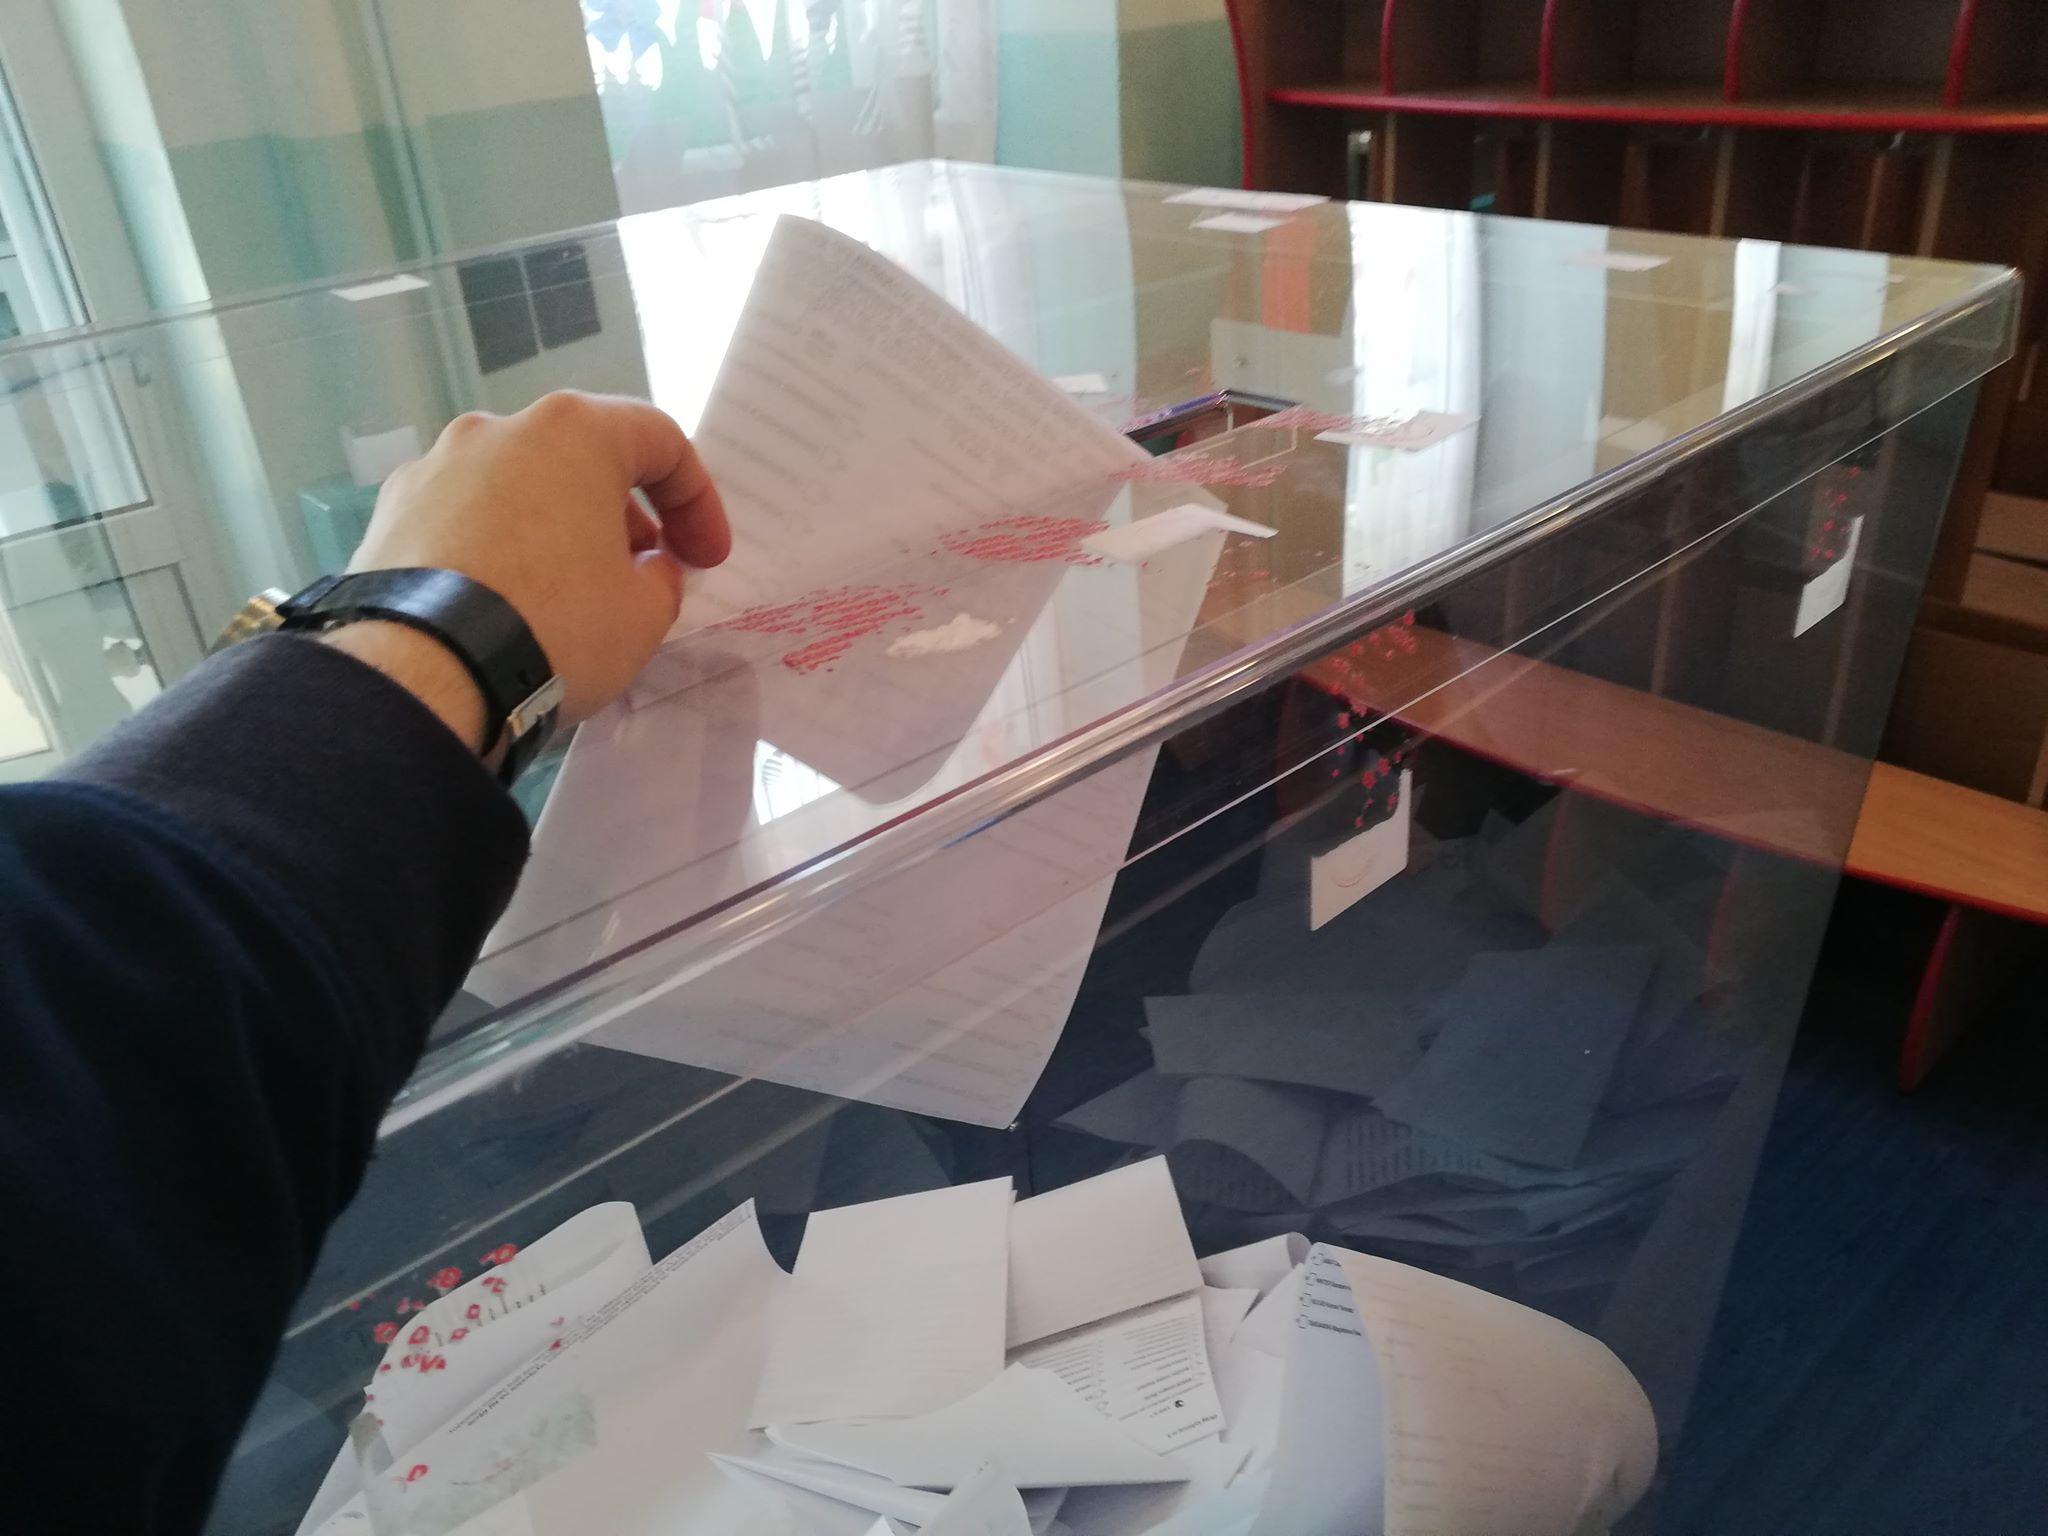 Oficjalne wyniki wyborów: W Mielcu wygrywa Prawo i Sprawiedliwość (ponad 58 proc. głosów) - Zdjęcie główne